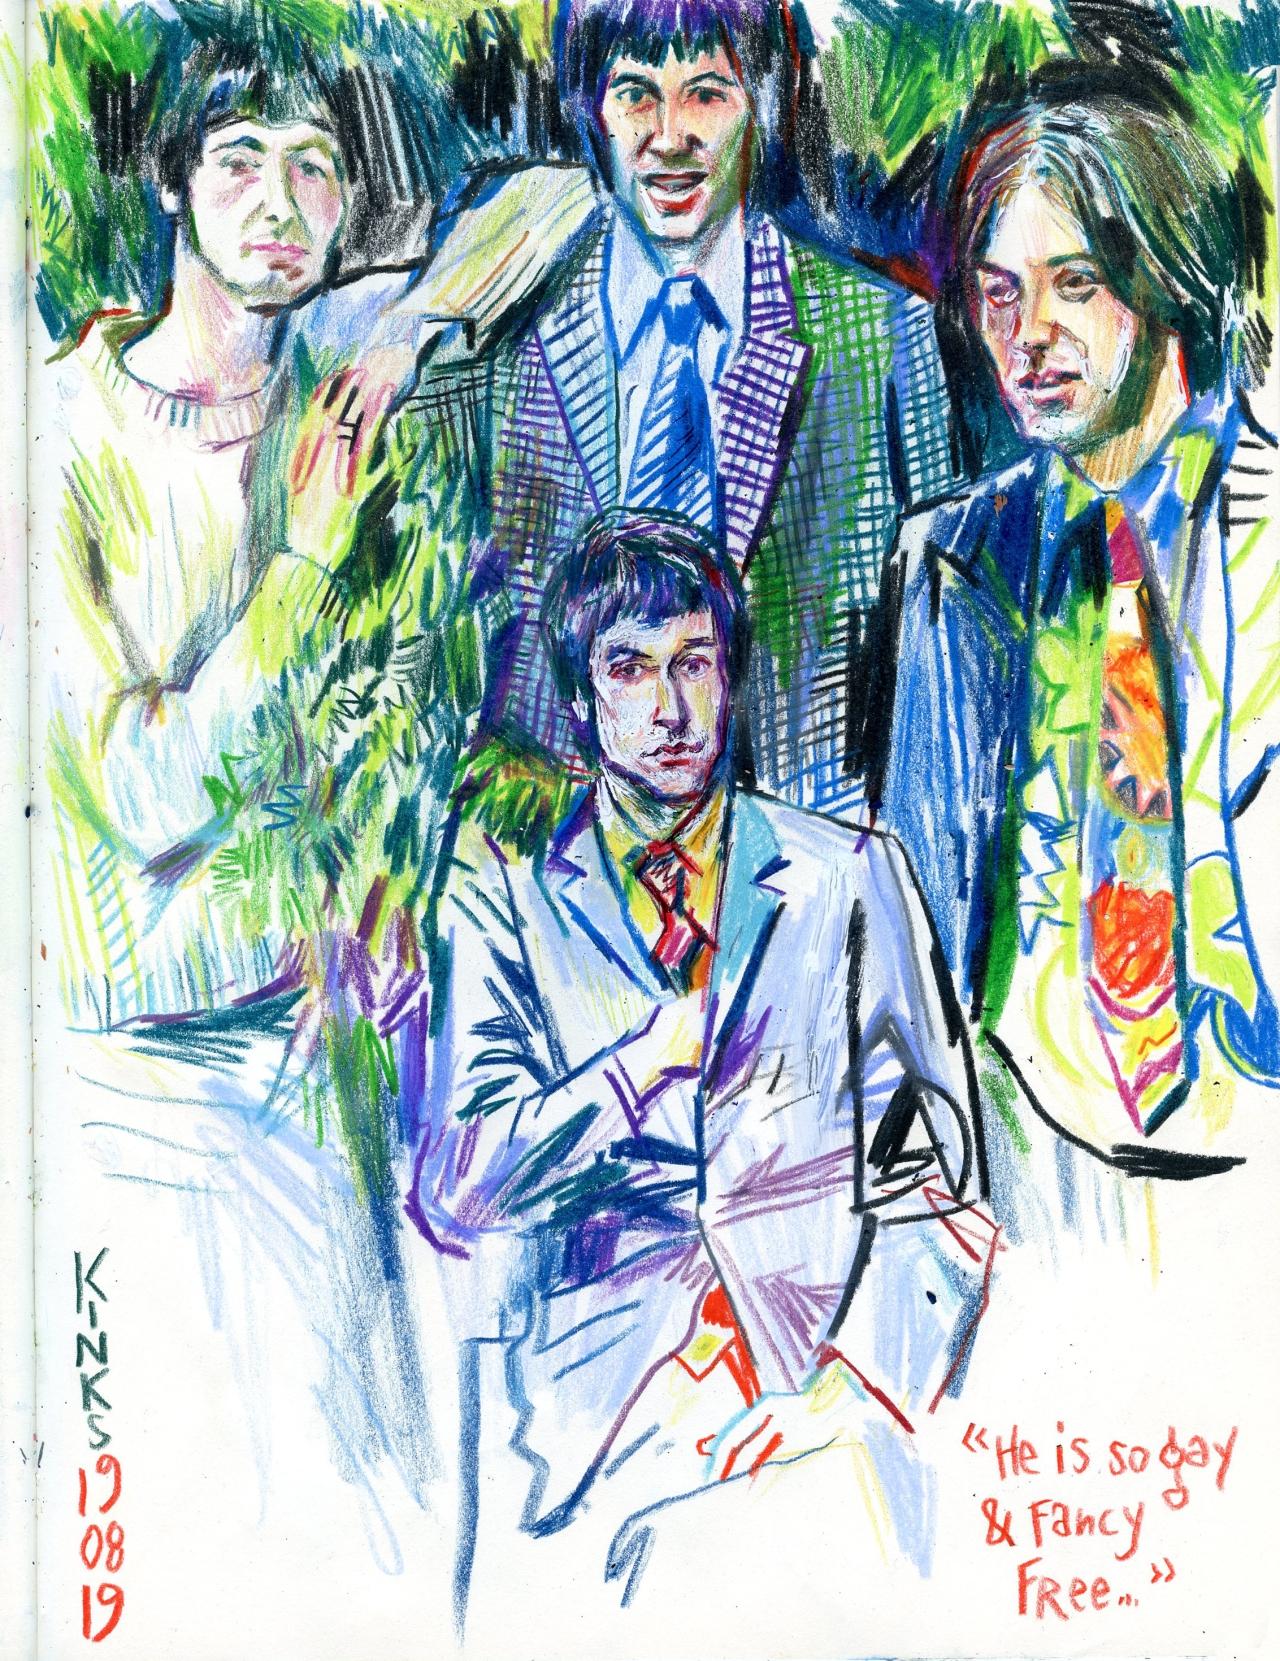 kinks1967